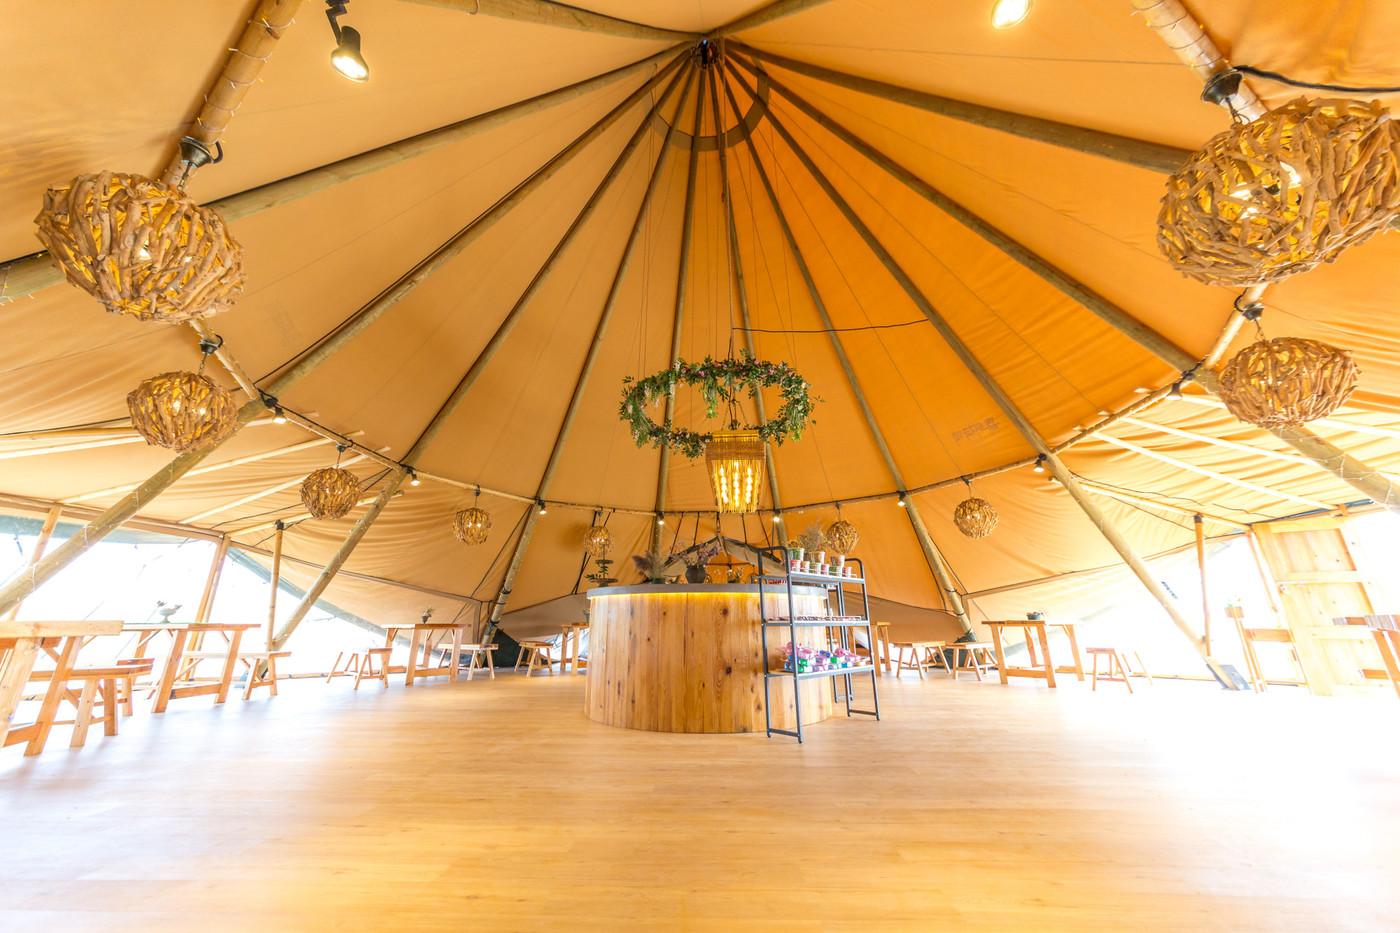 喜马拉雅印第安多功能大厅—淮安白马湖生态旅游度假区28